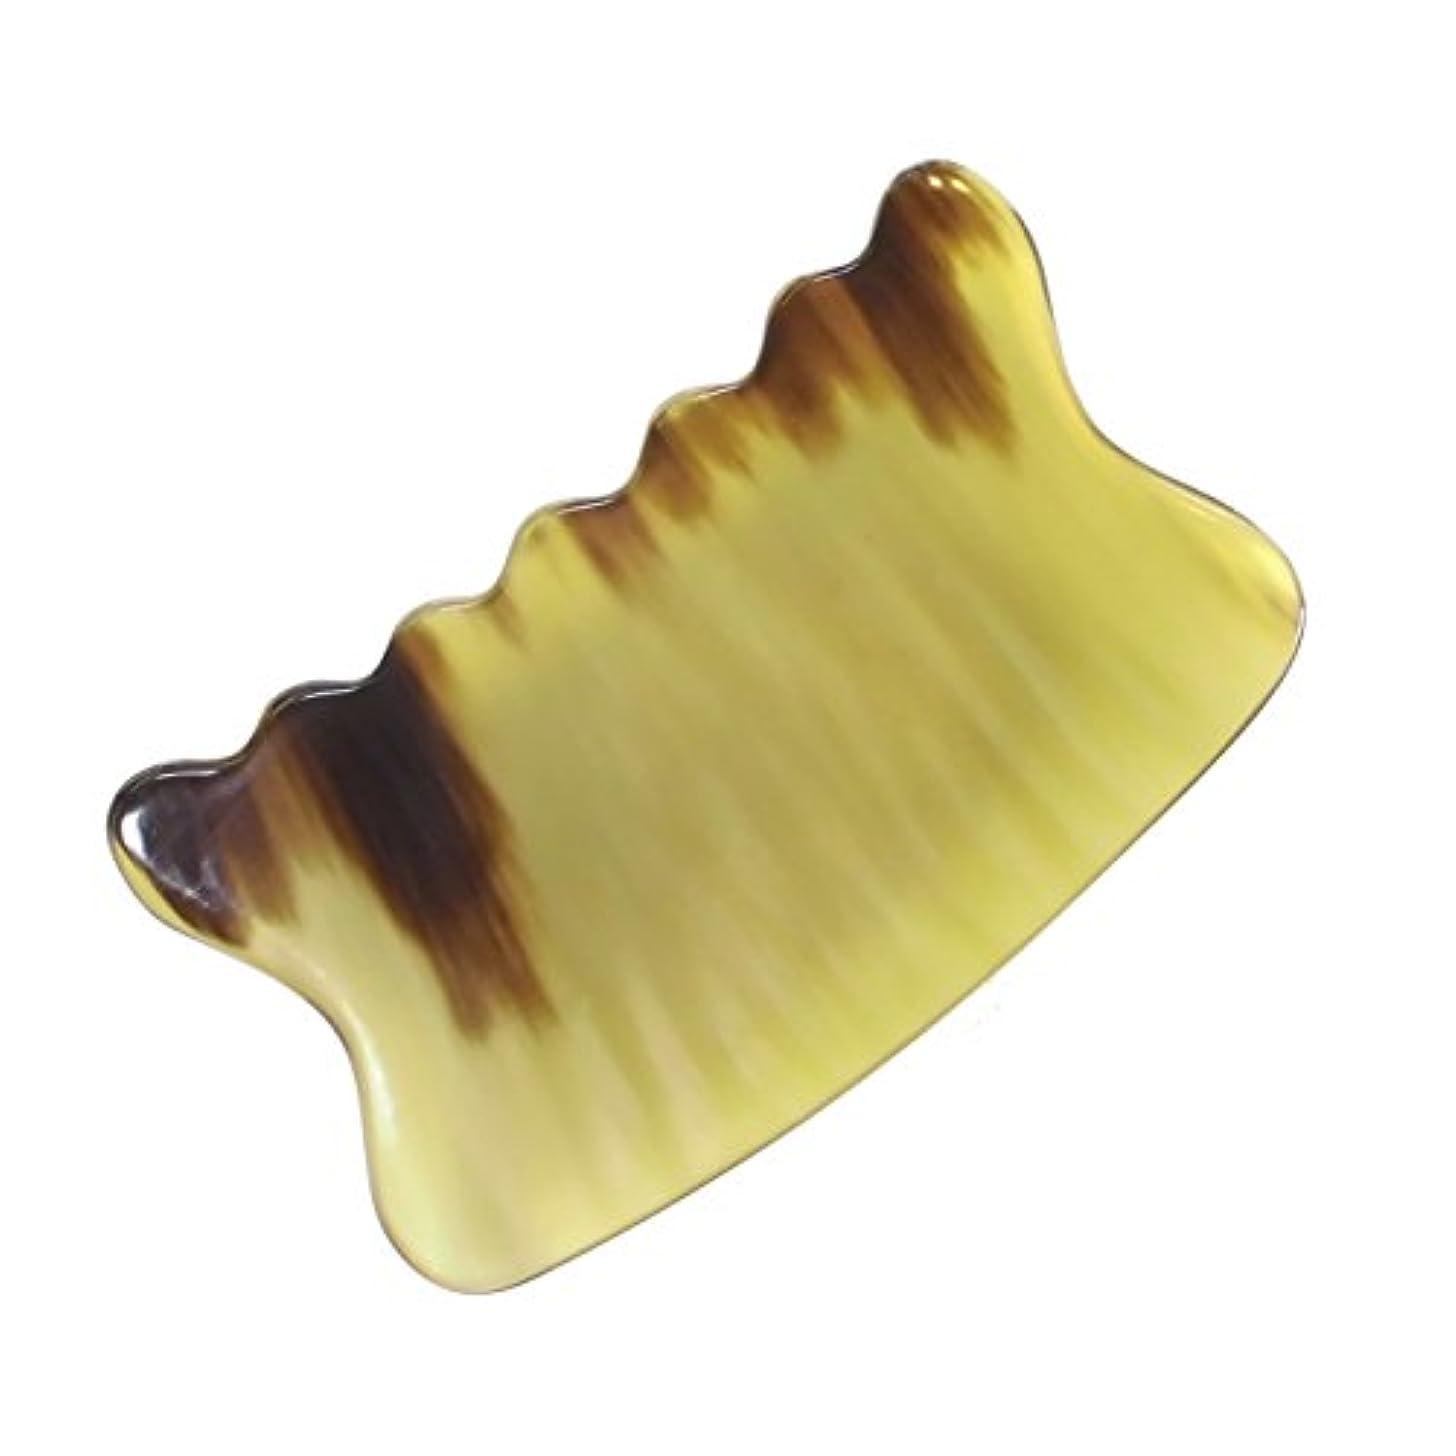 接続された決定的教えるかっさ プレート 希少69 黄水牛角 極美品 曲波型